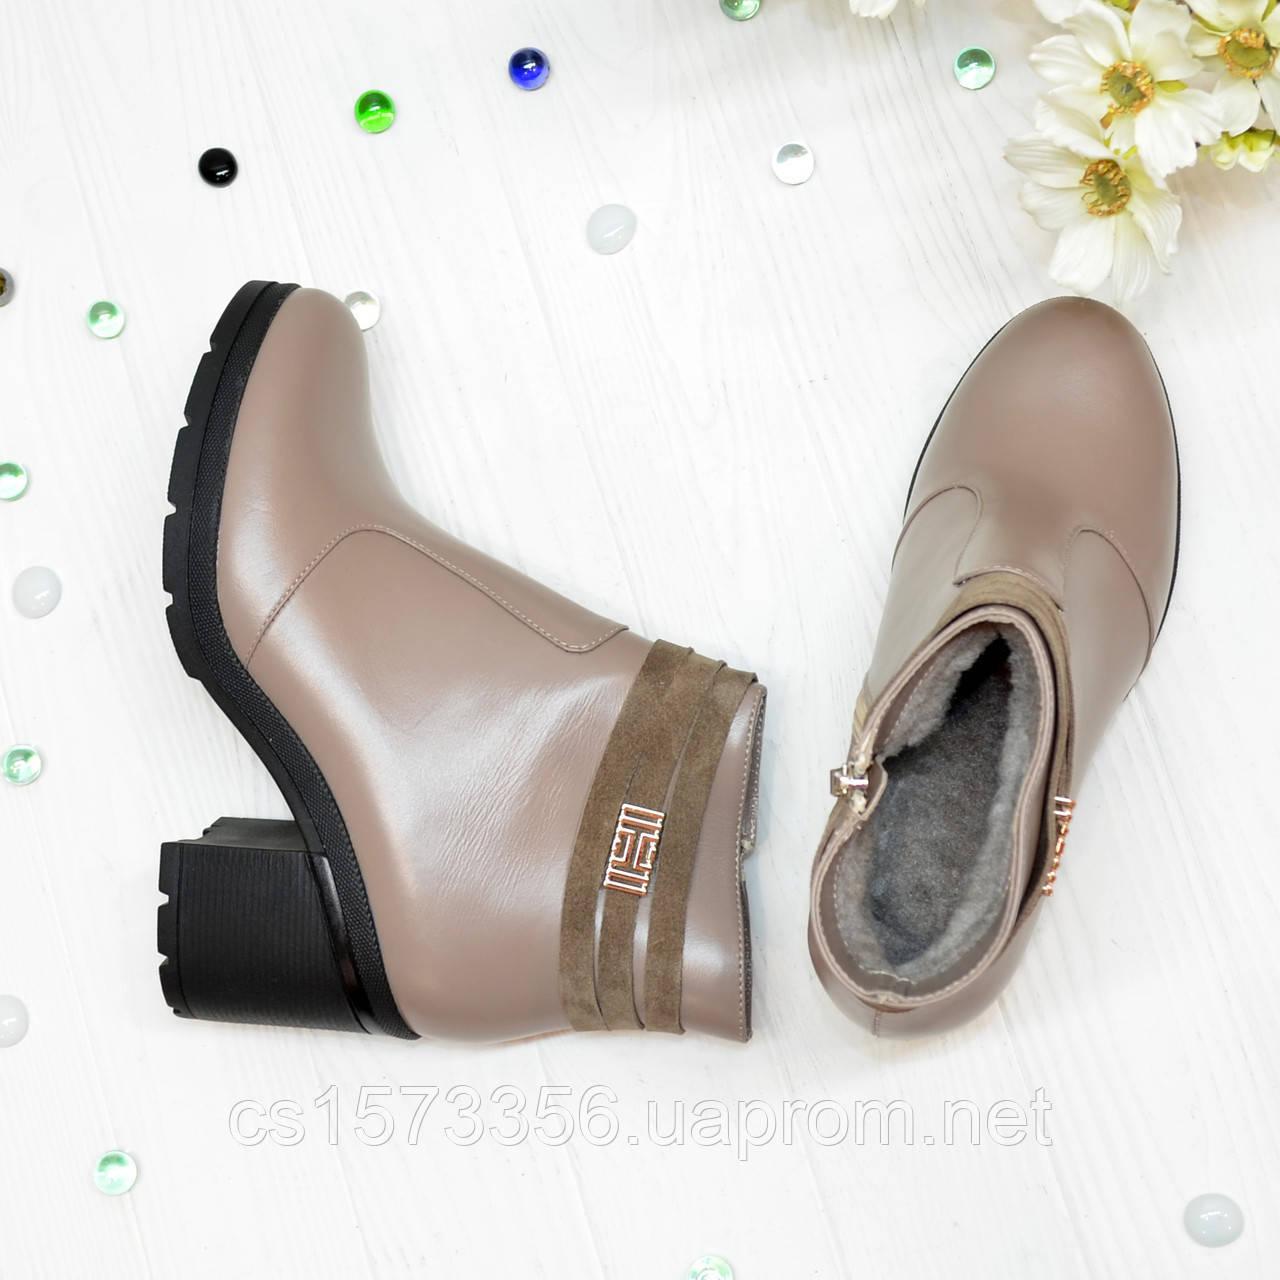 Ботинки женские кожаные на устойчивом каблуке. Цвет визон